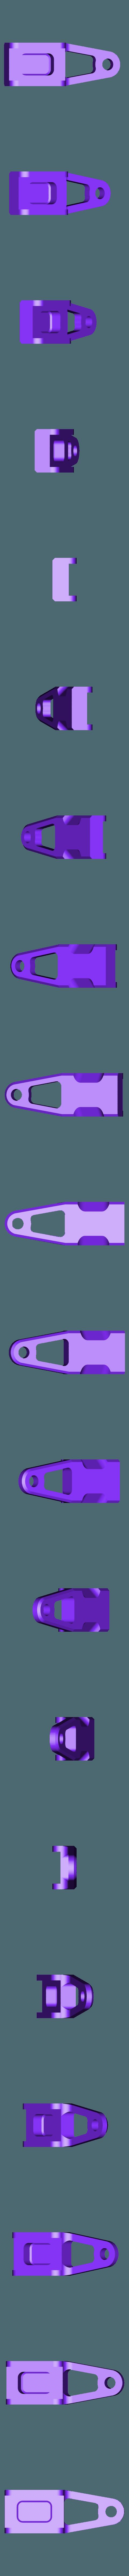 Valve.stl Télécharger fichier STL gratuit Vapemobile : Voiture jouet pneumatique • Modèle pour imprimante 3D, Slava_Z